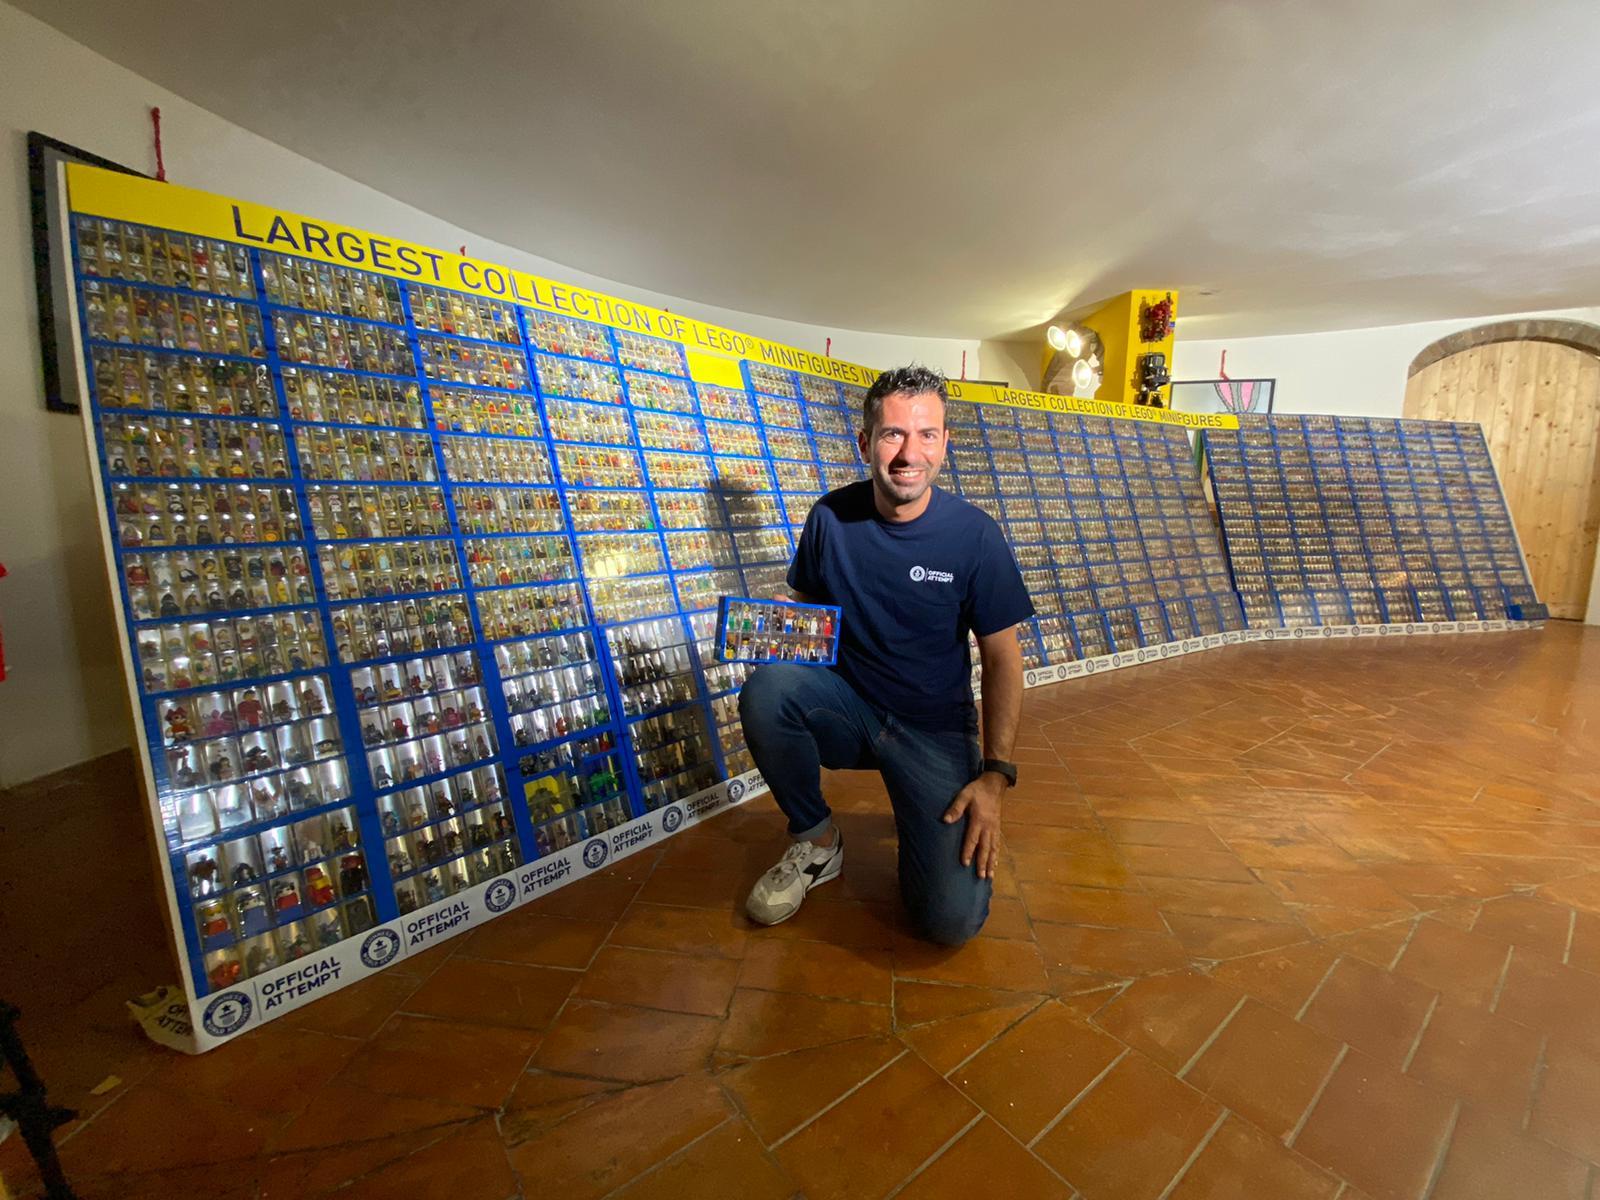 LEGO e Guinness World Record: Fabio Bertini ha aggiornato il suo record di minifigure LEGO